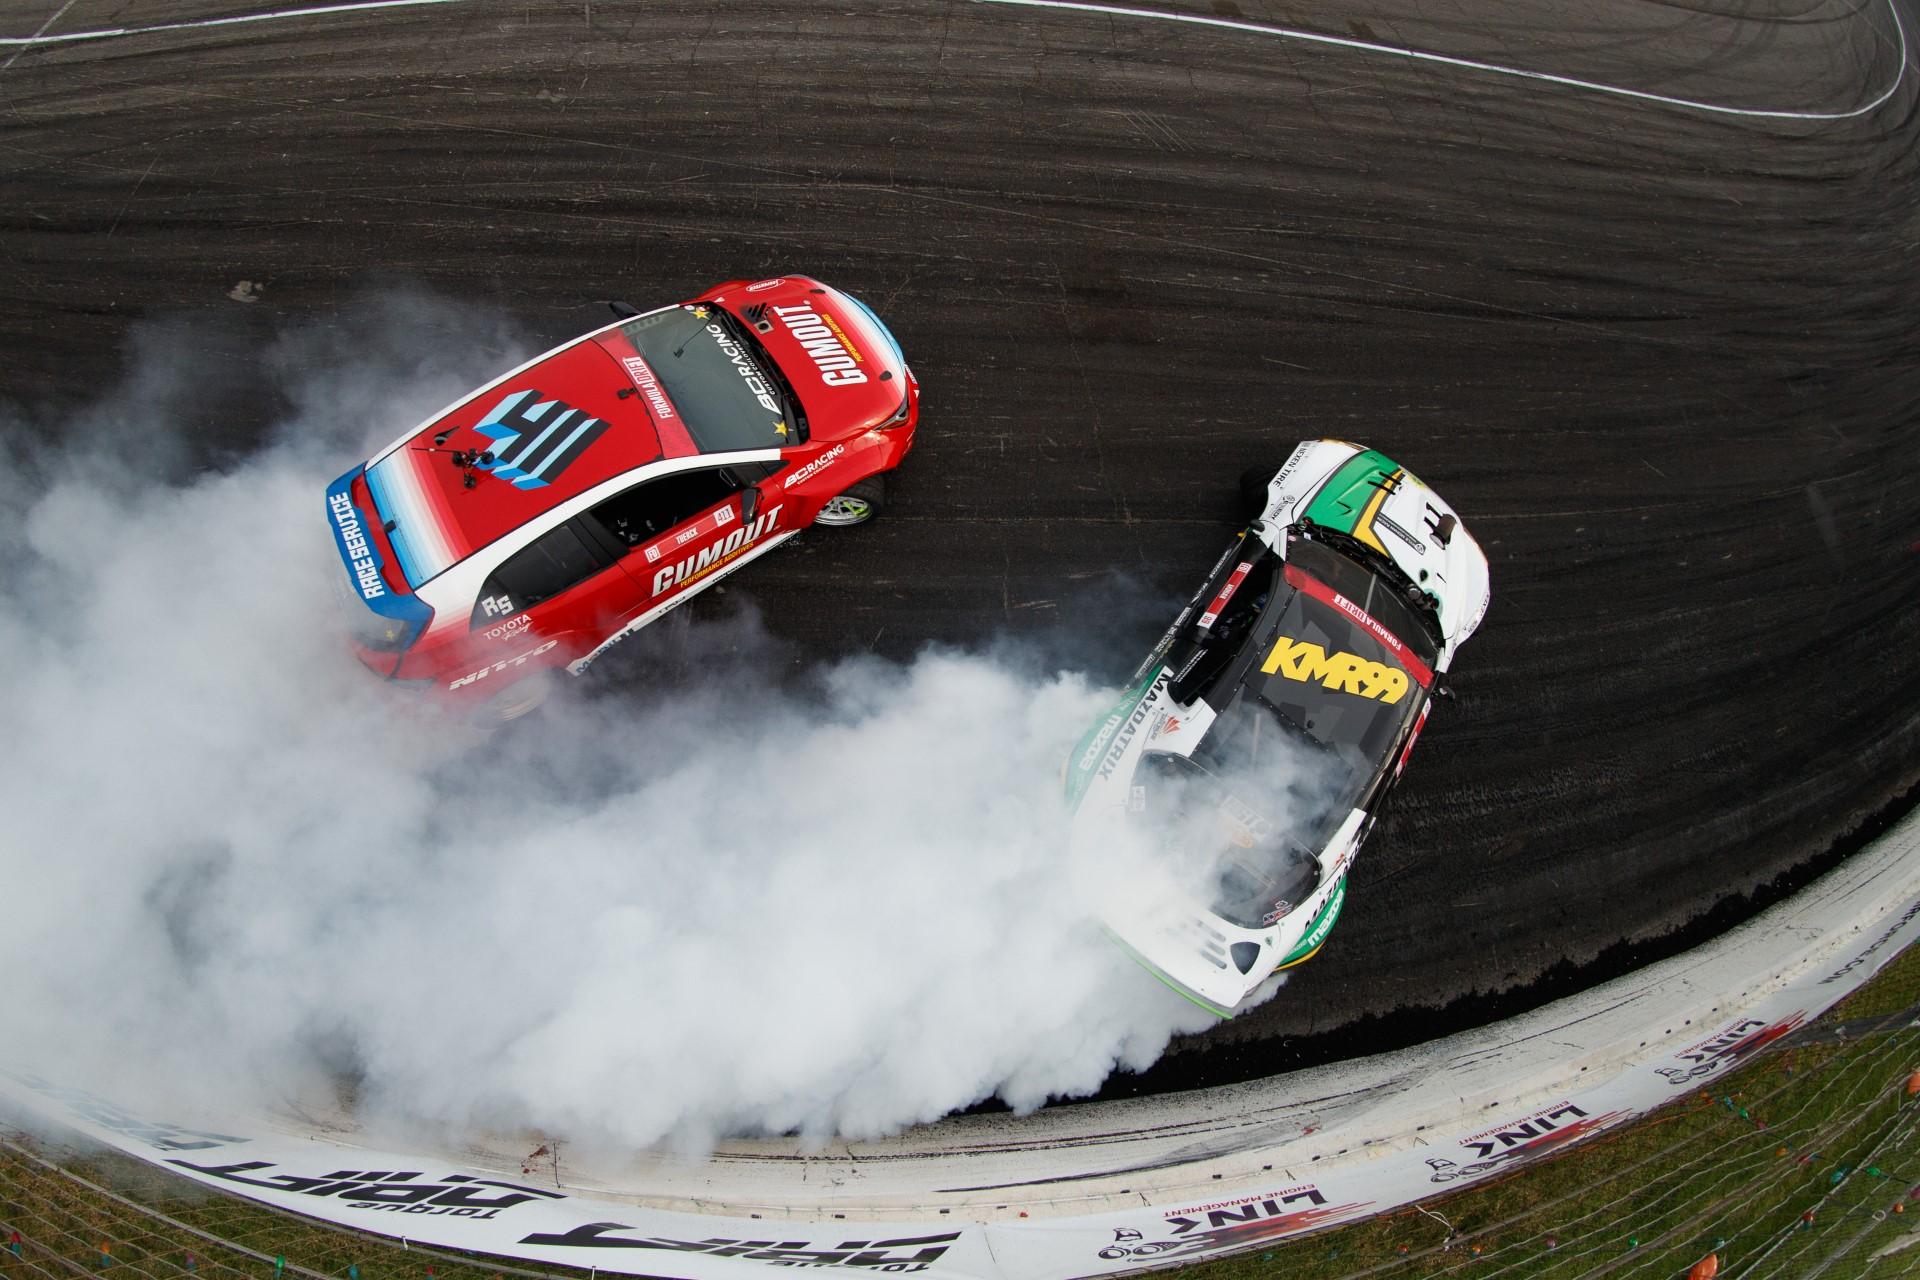 bc-racing-na-ryan-tuerck-gallery-5920